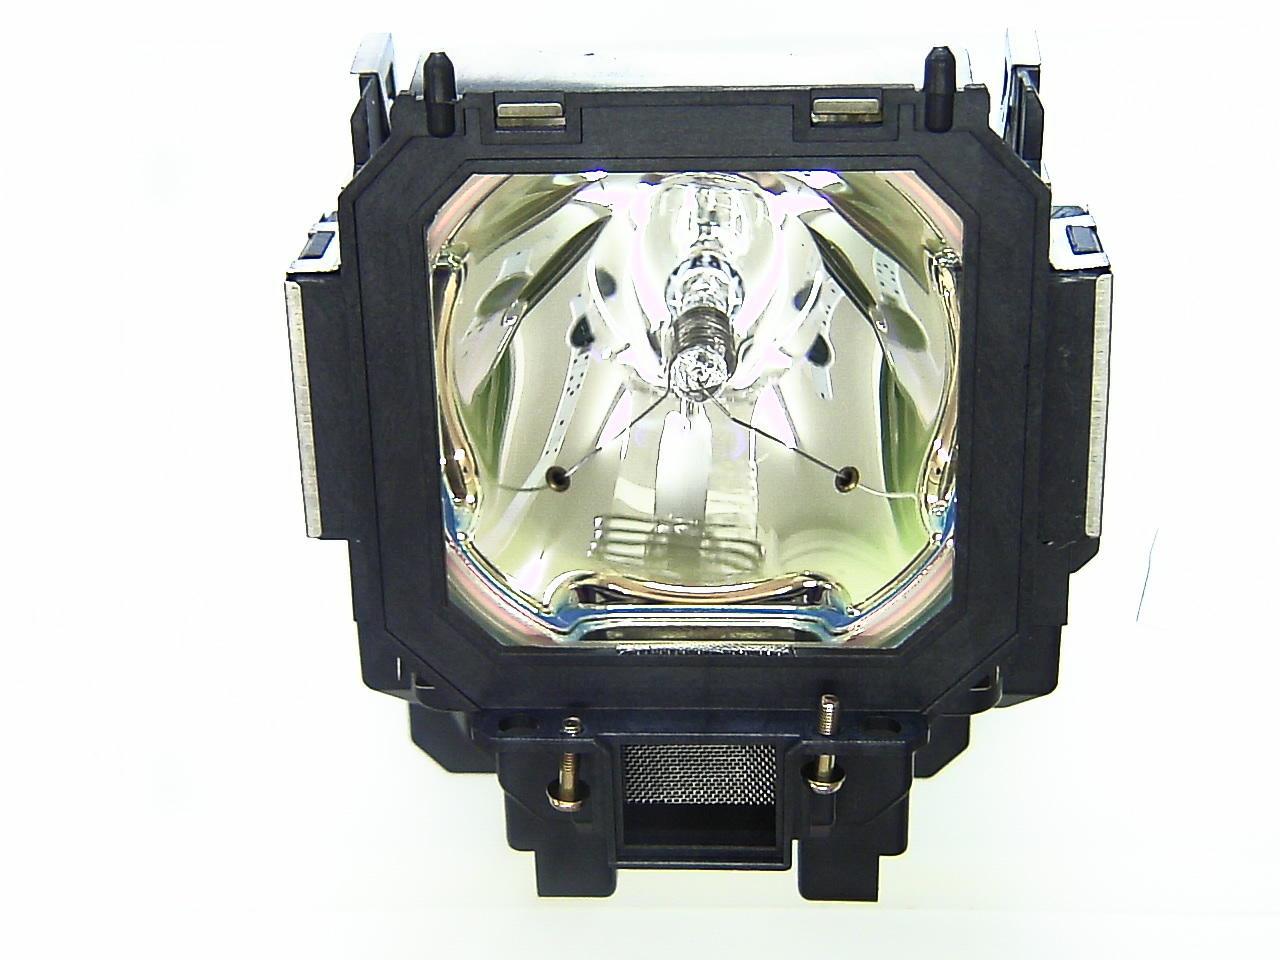 Lampada proiettore christie eiki dongwon proiettori - Cerca, compra, vendi nuovo e usato: V7 ...